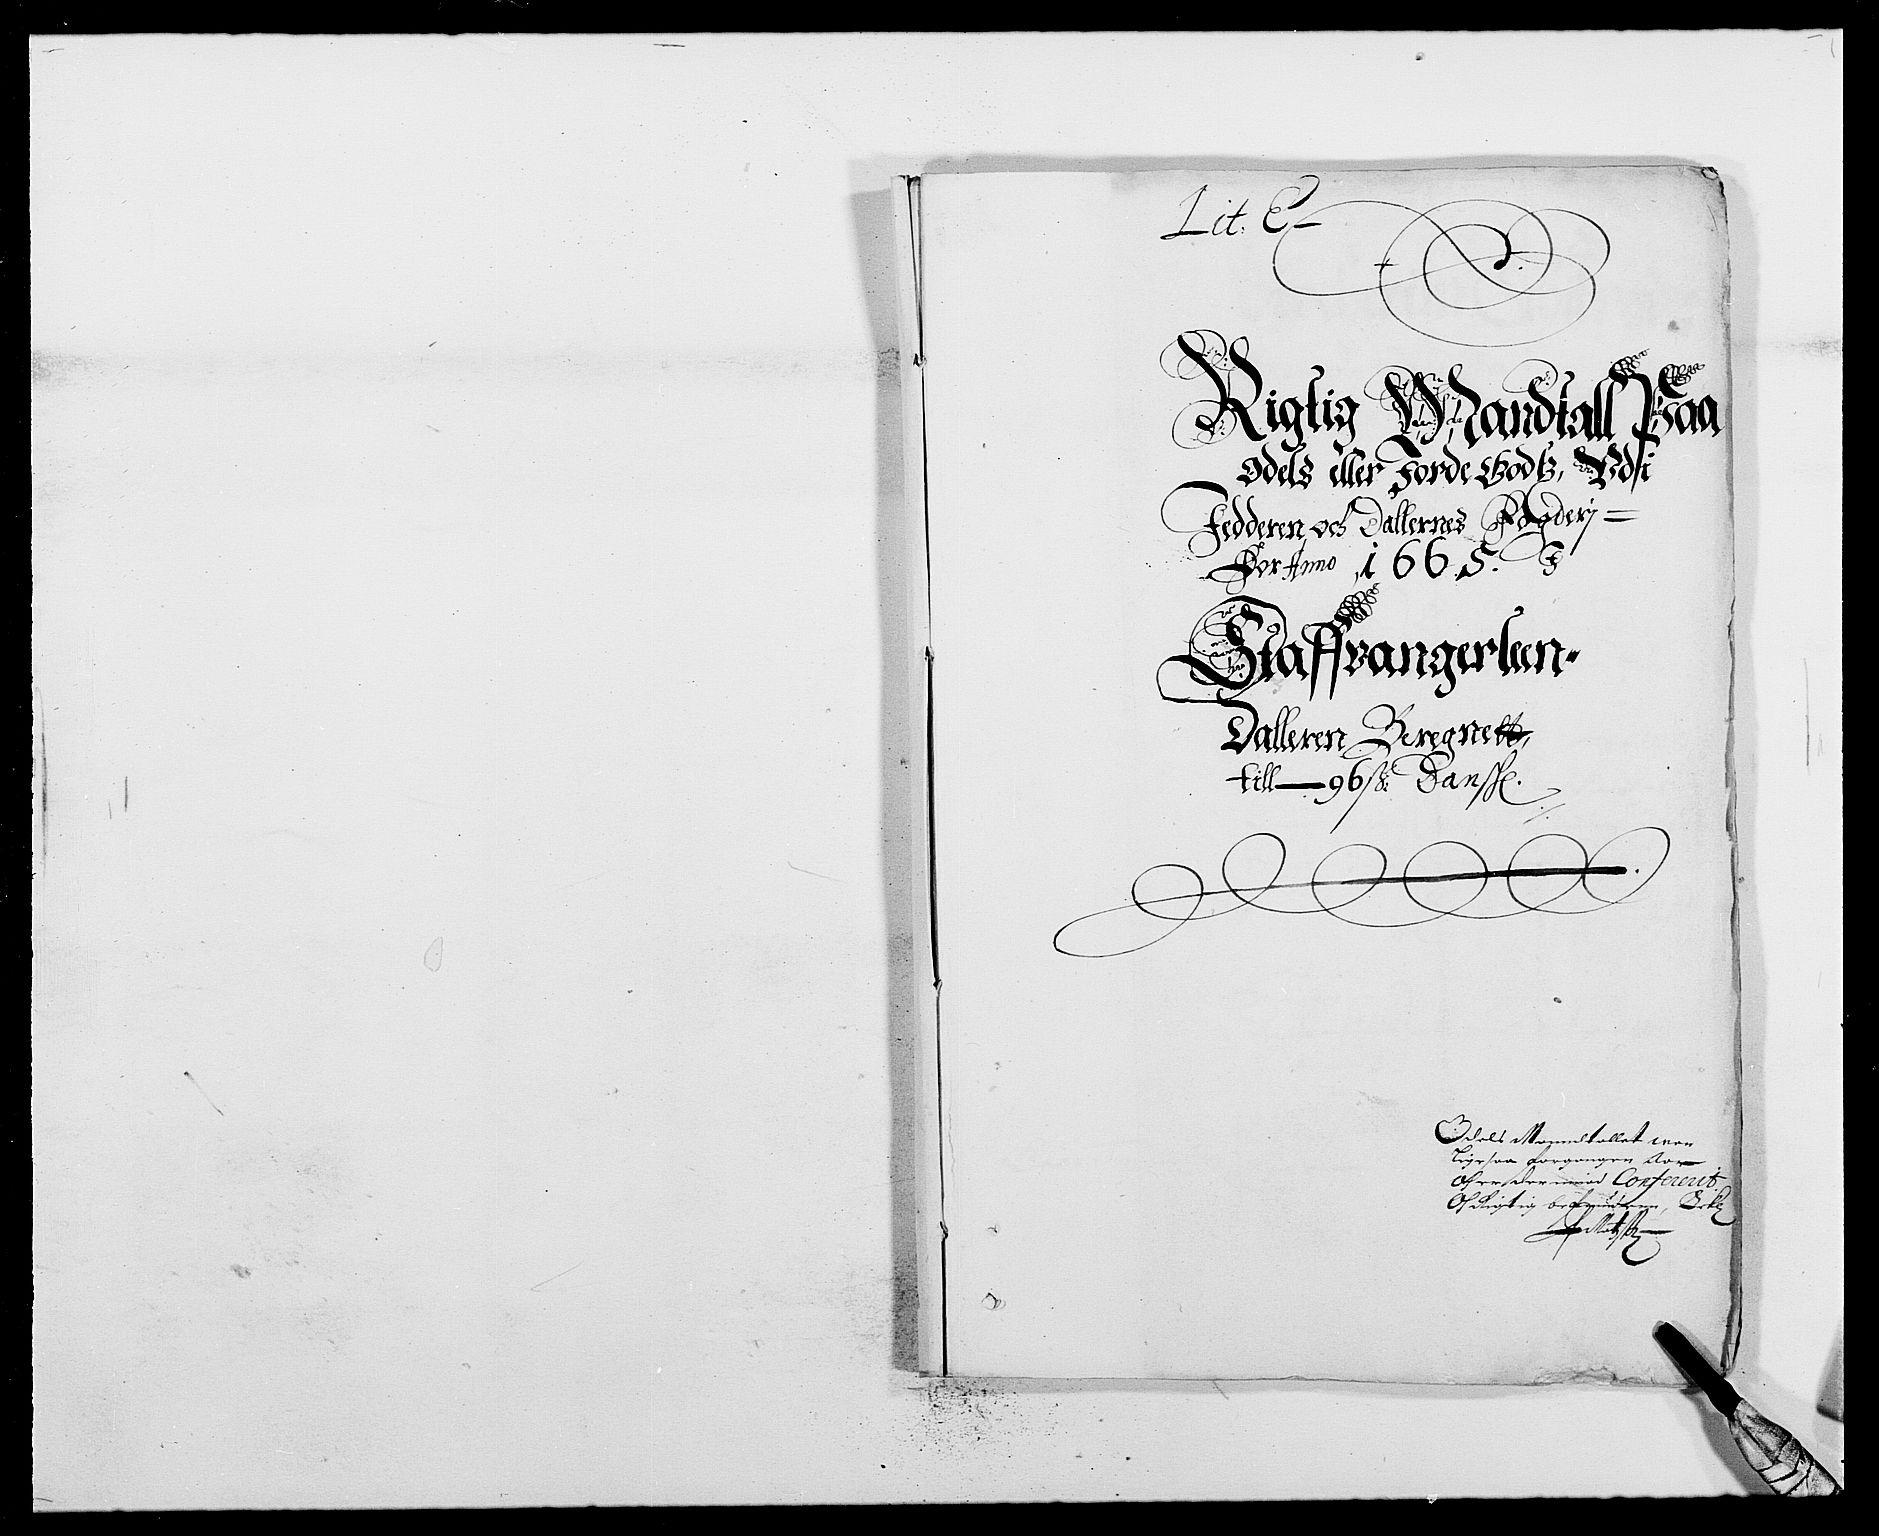 RA, Rentekammeret inntil 1814, Reviderte regnskaper, Fogderegnskap, R46/L2709: Fogderegnskap Jæren og Dalane, 1665-1667, s. 158